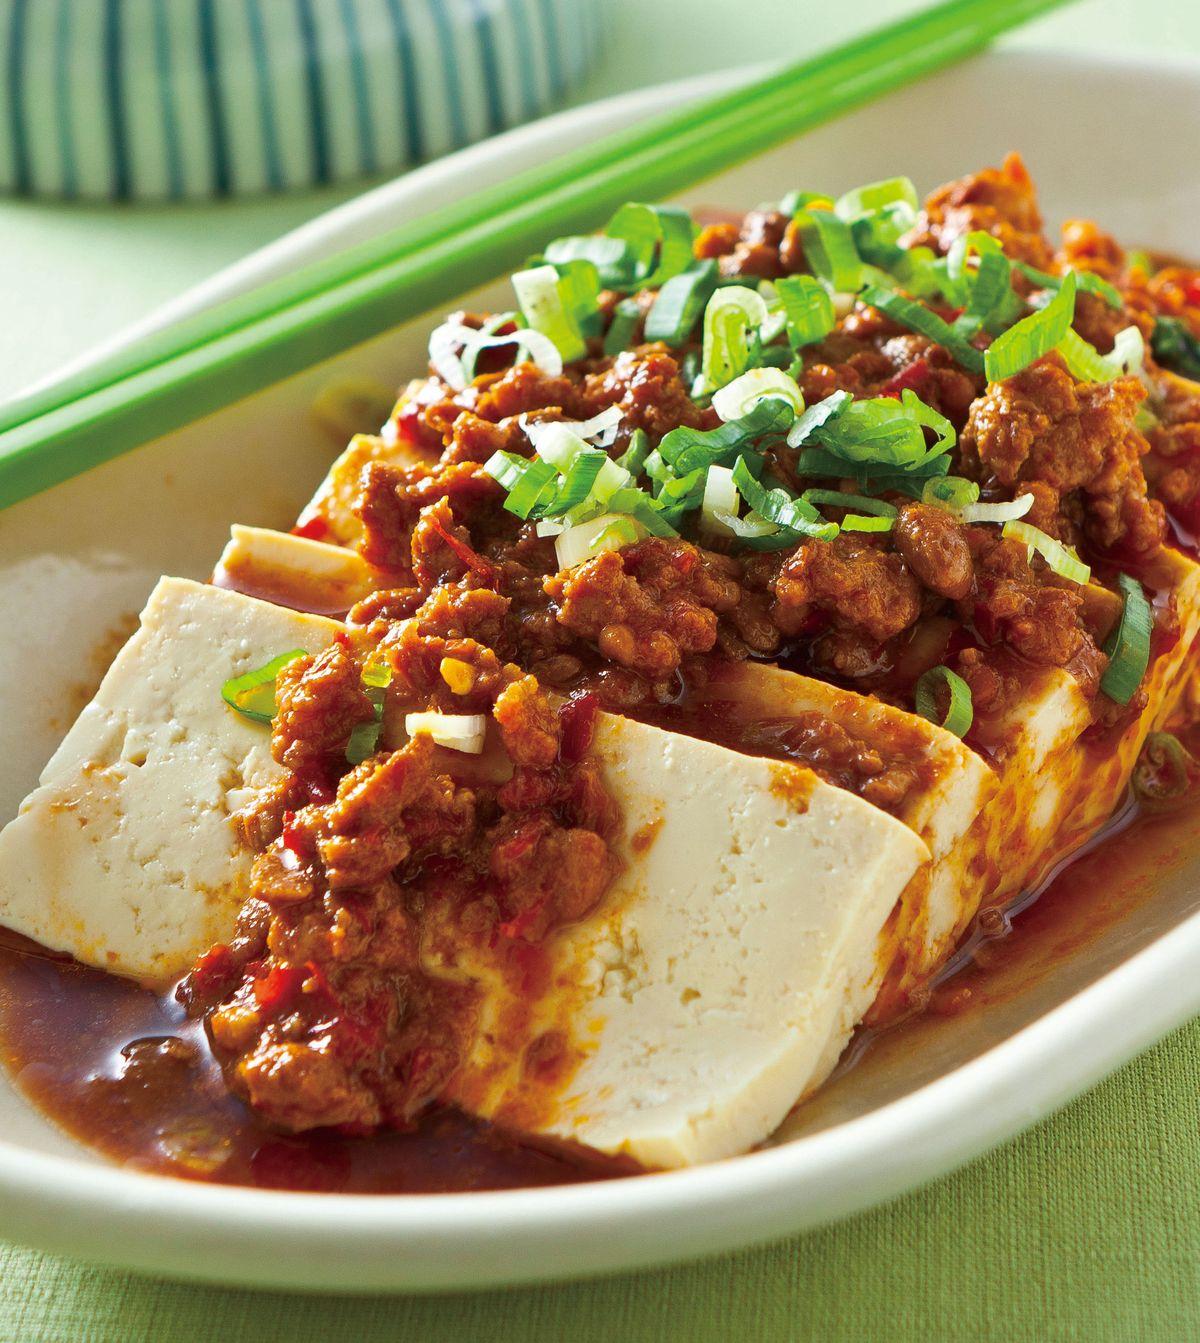 食譜:豆瓣蒸豆腐